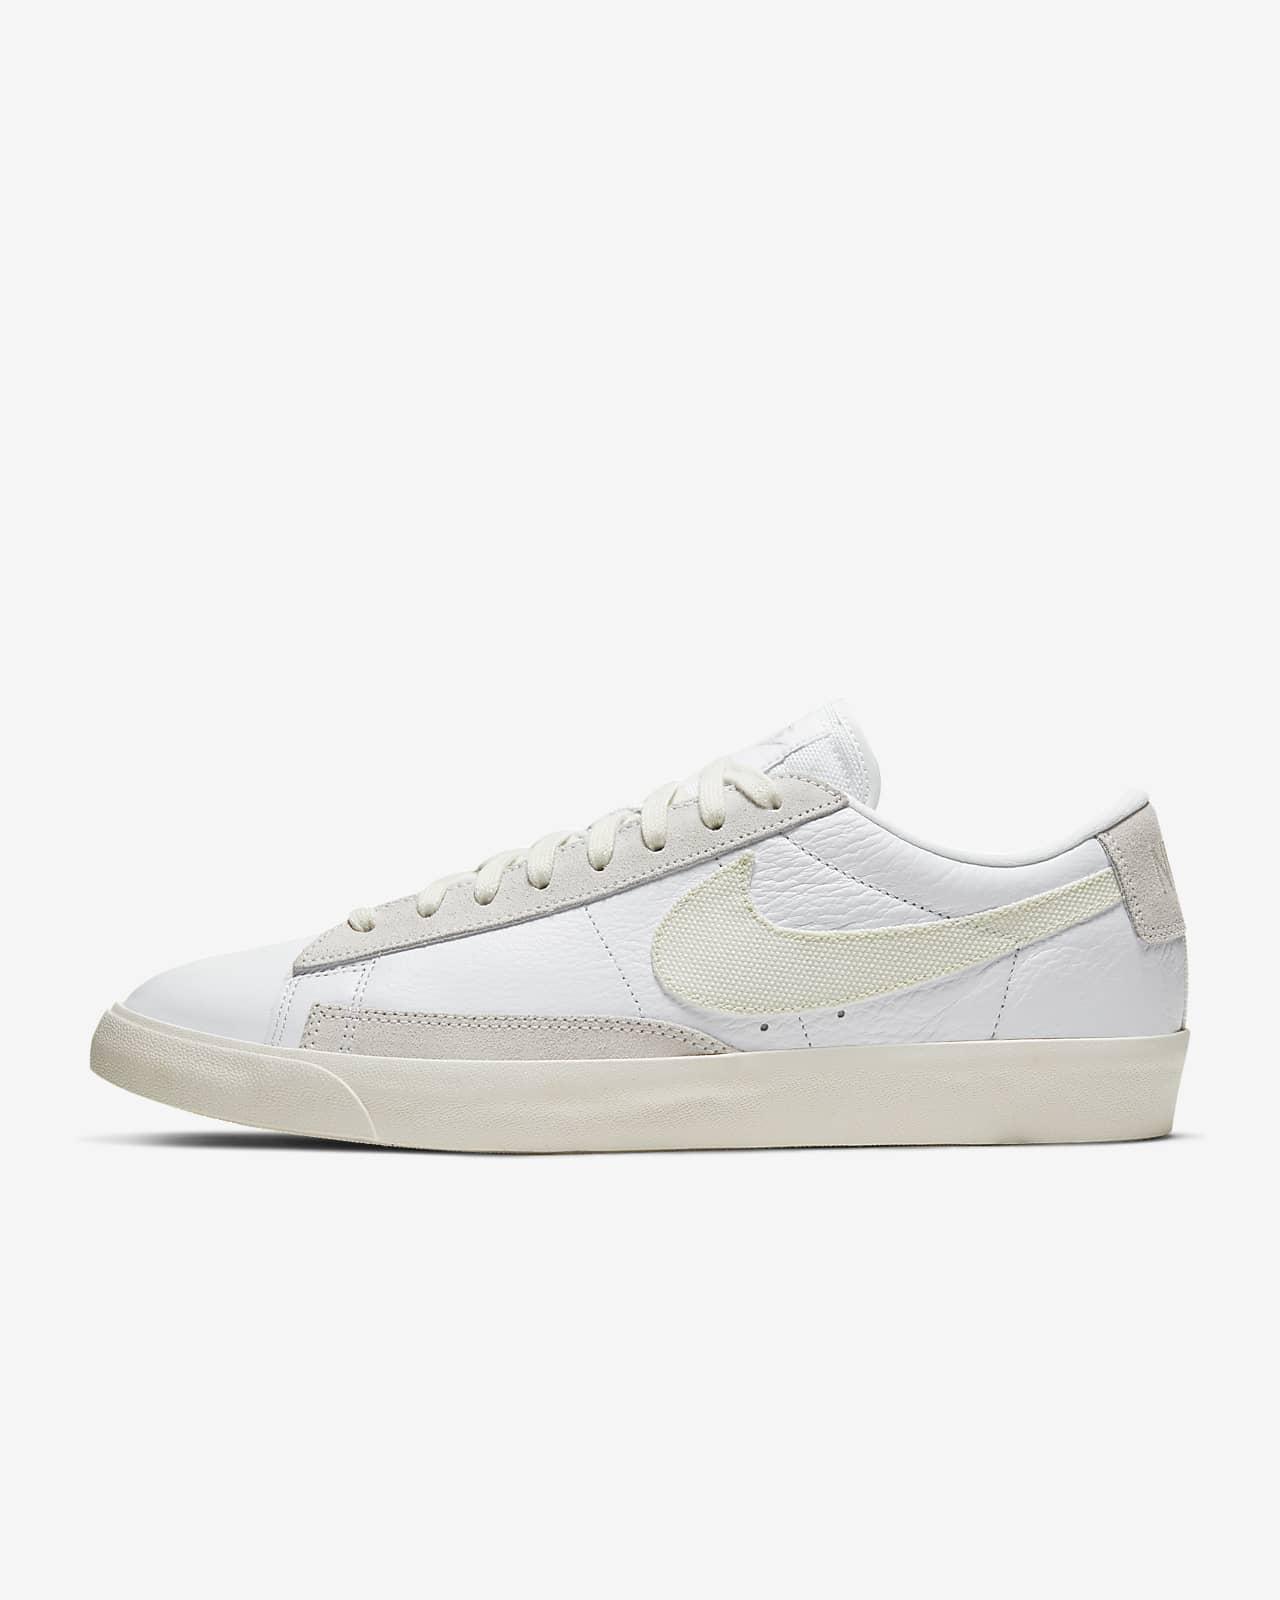 Nike Blazer Low Leather Shoe. Nike NL